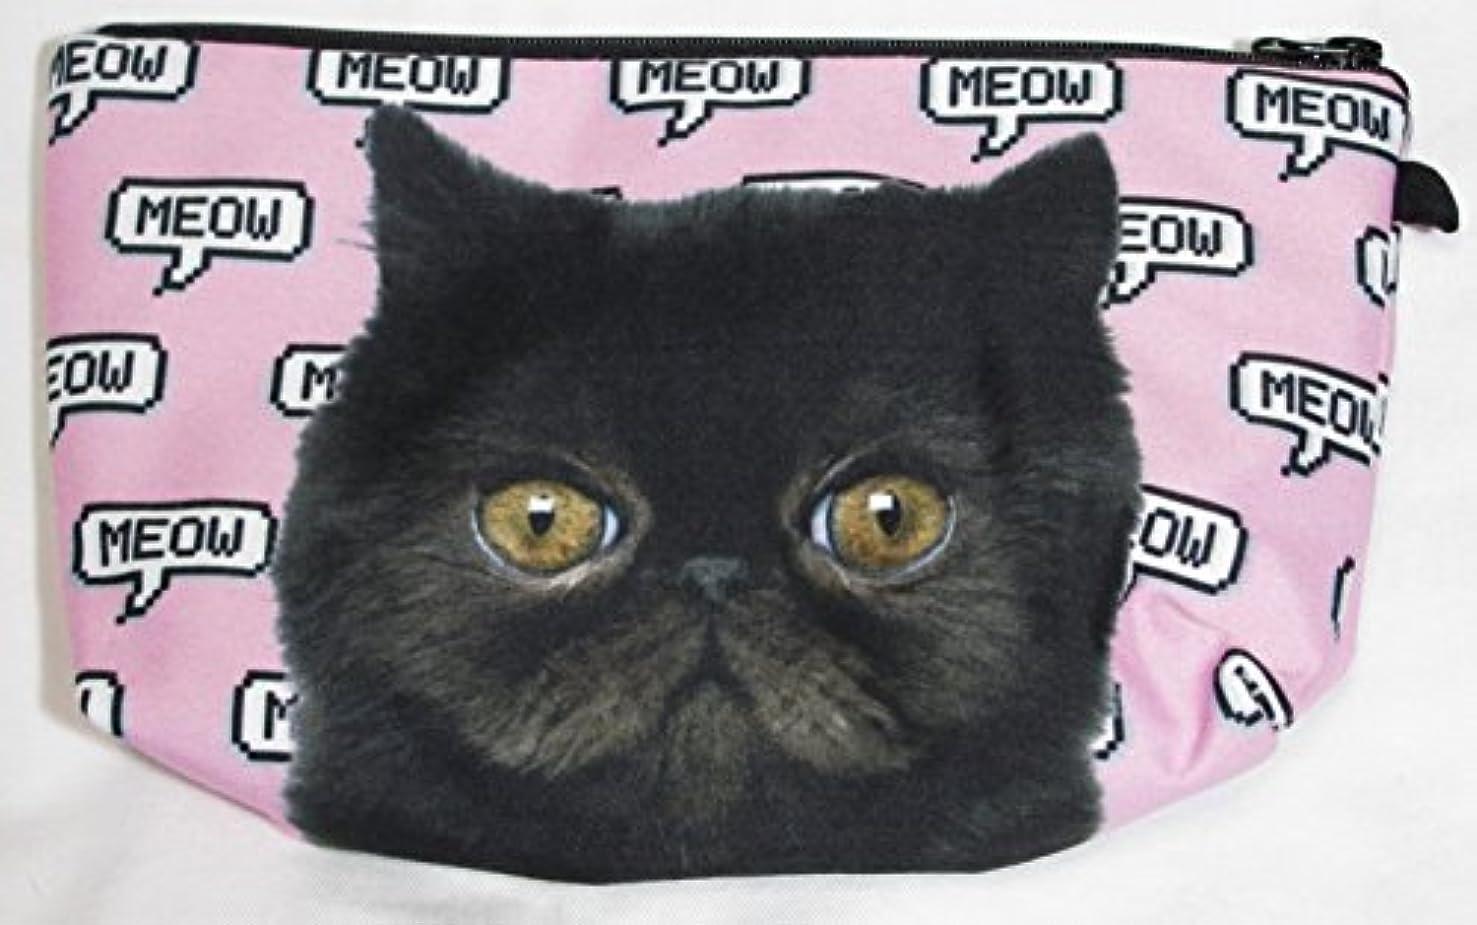 結び目オーストラリア人パワーセル【560kick】 黒猫 エキゾチック ショートヘア 柄 ポーチ メイクグッズ 収納 ぶさかわ